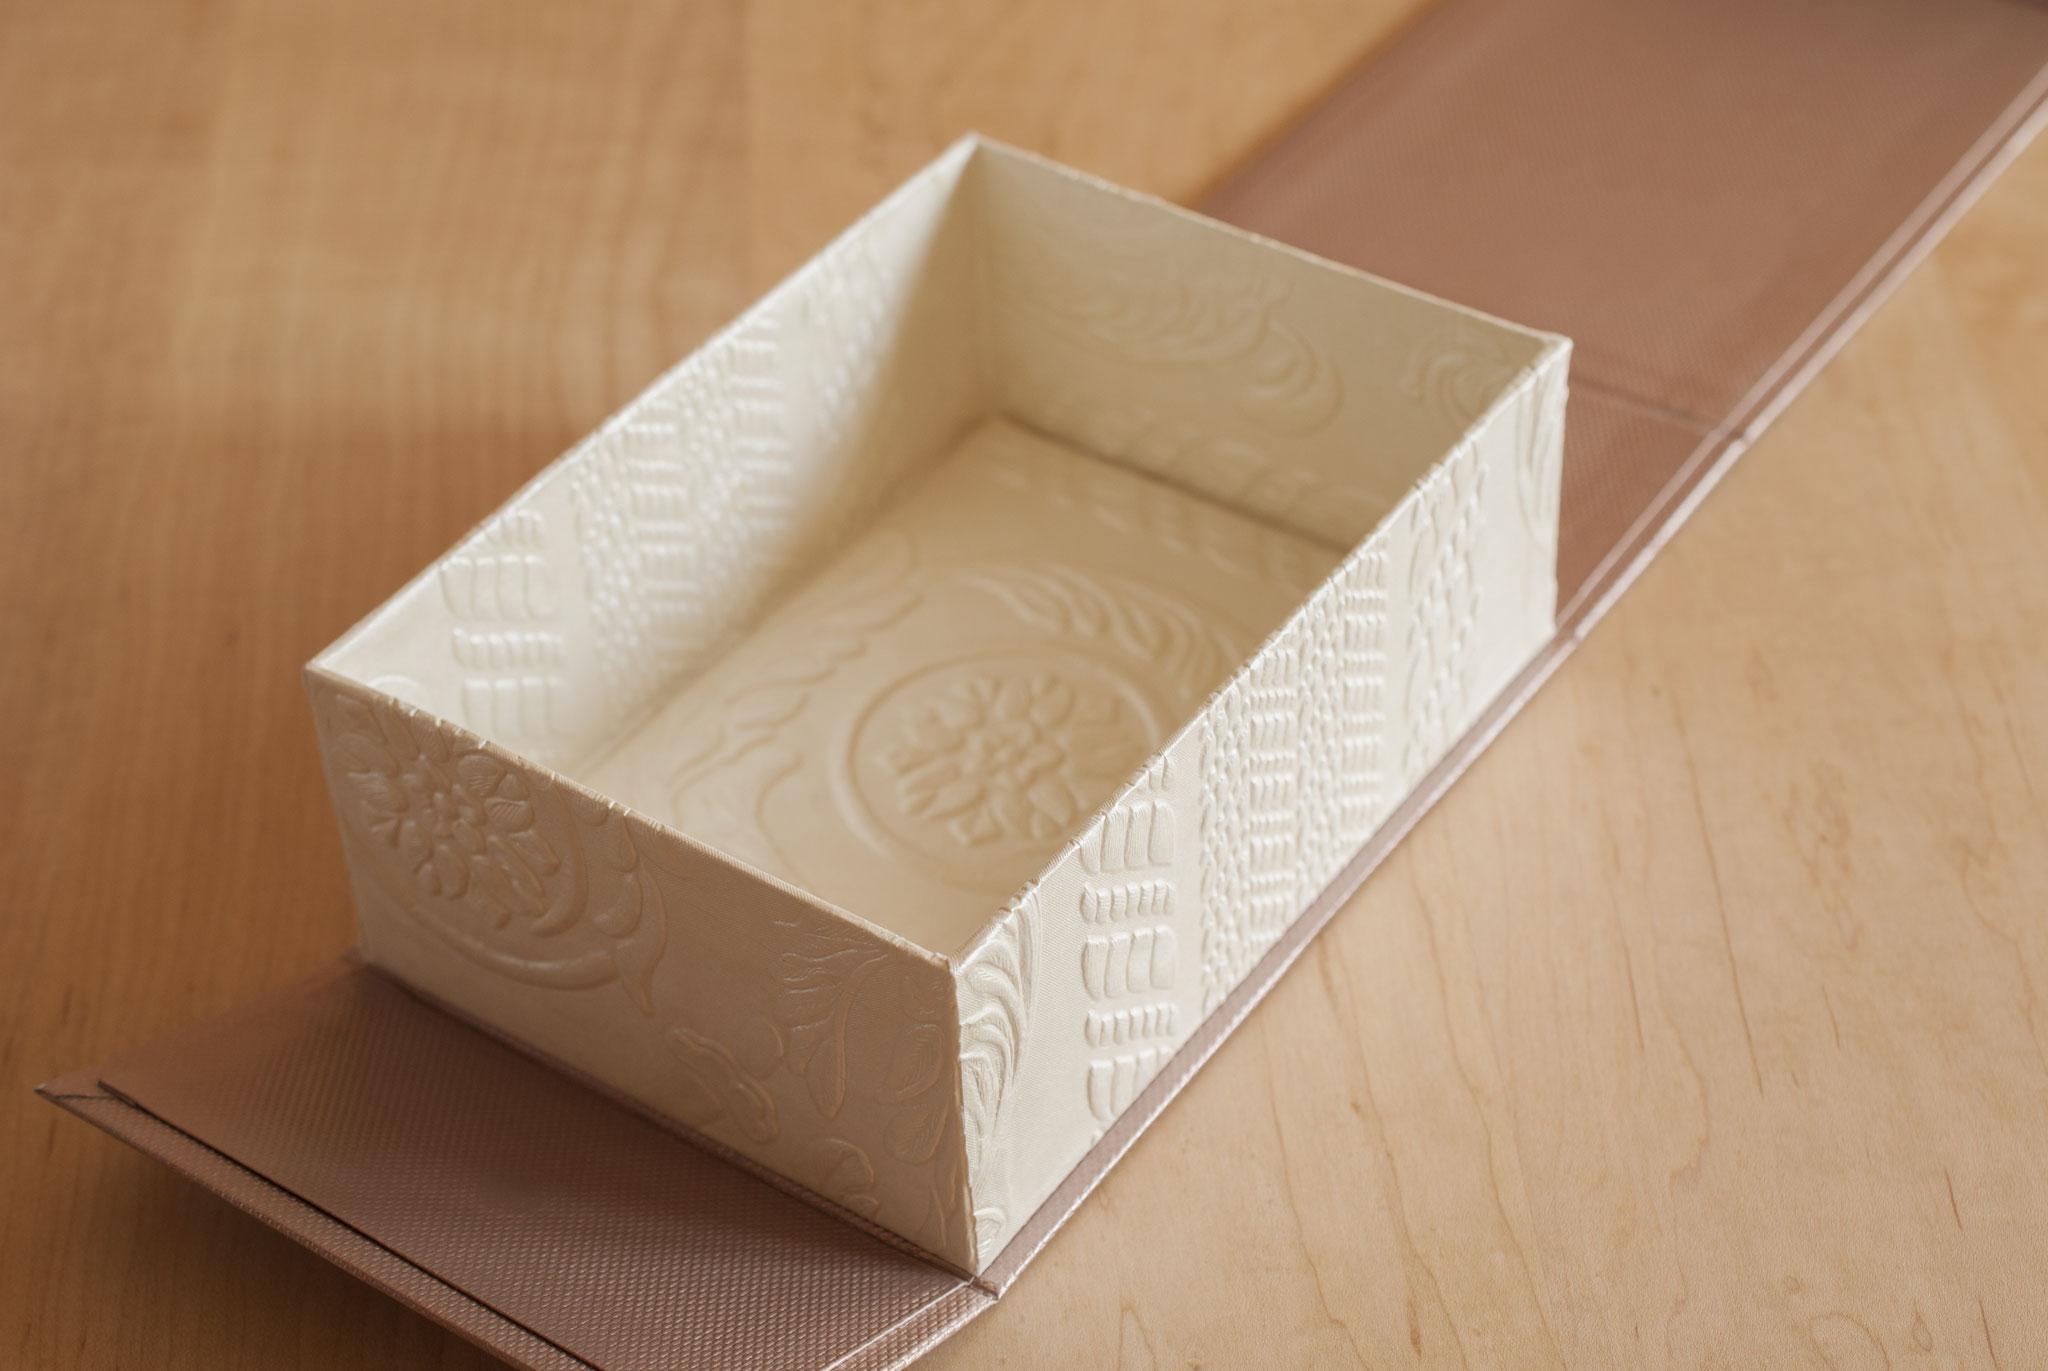 inside the boxes, Fleur*Fleur*